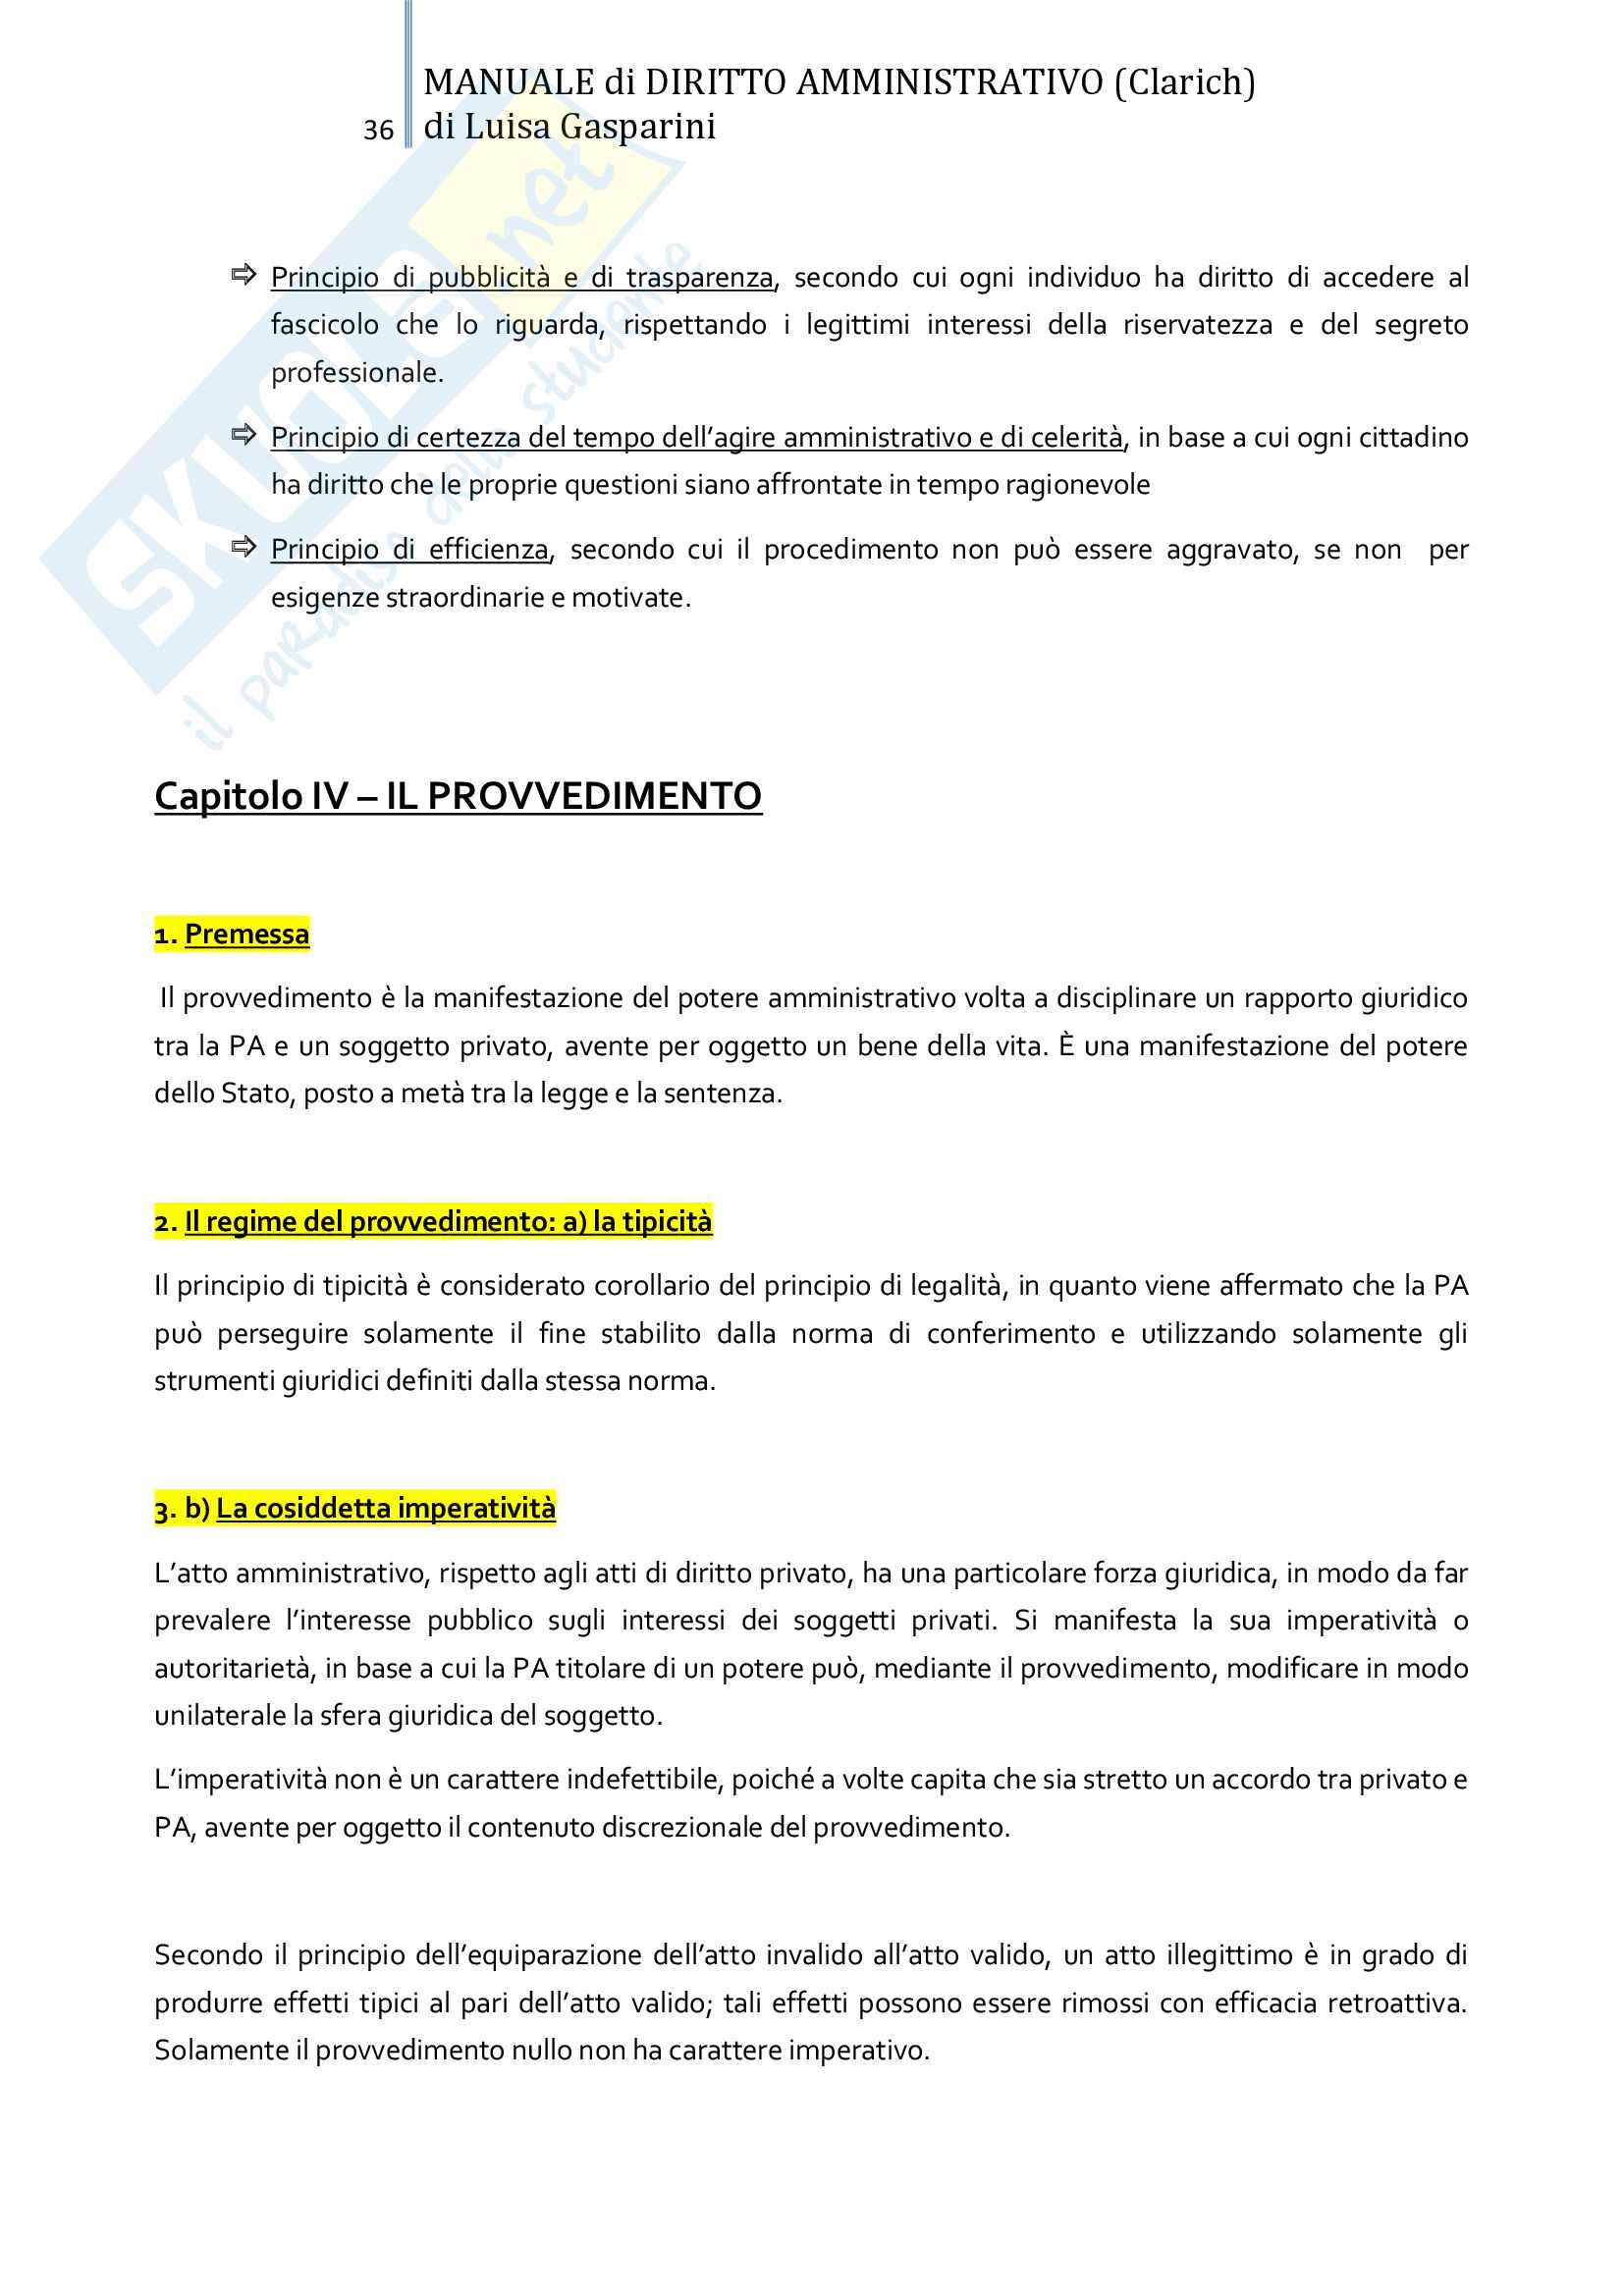 Riassunto esame Diritto amministrativo, professor Leonardi. Testo consigliato Manuale di Diritto Amministrativo, Clarich Pag. 36